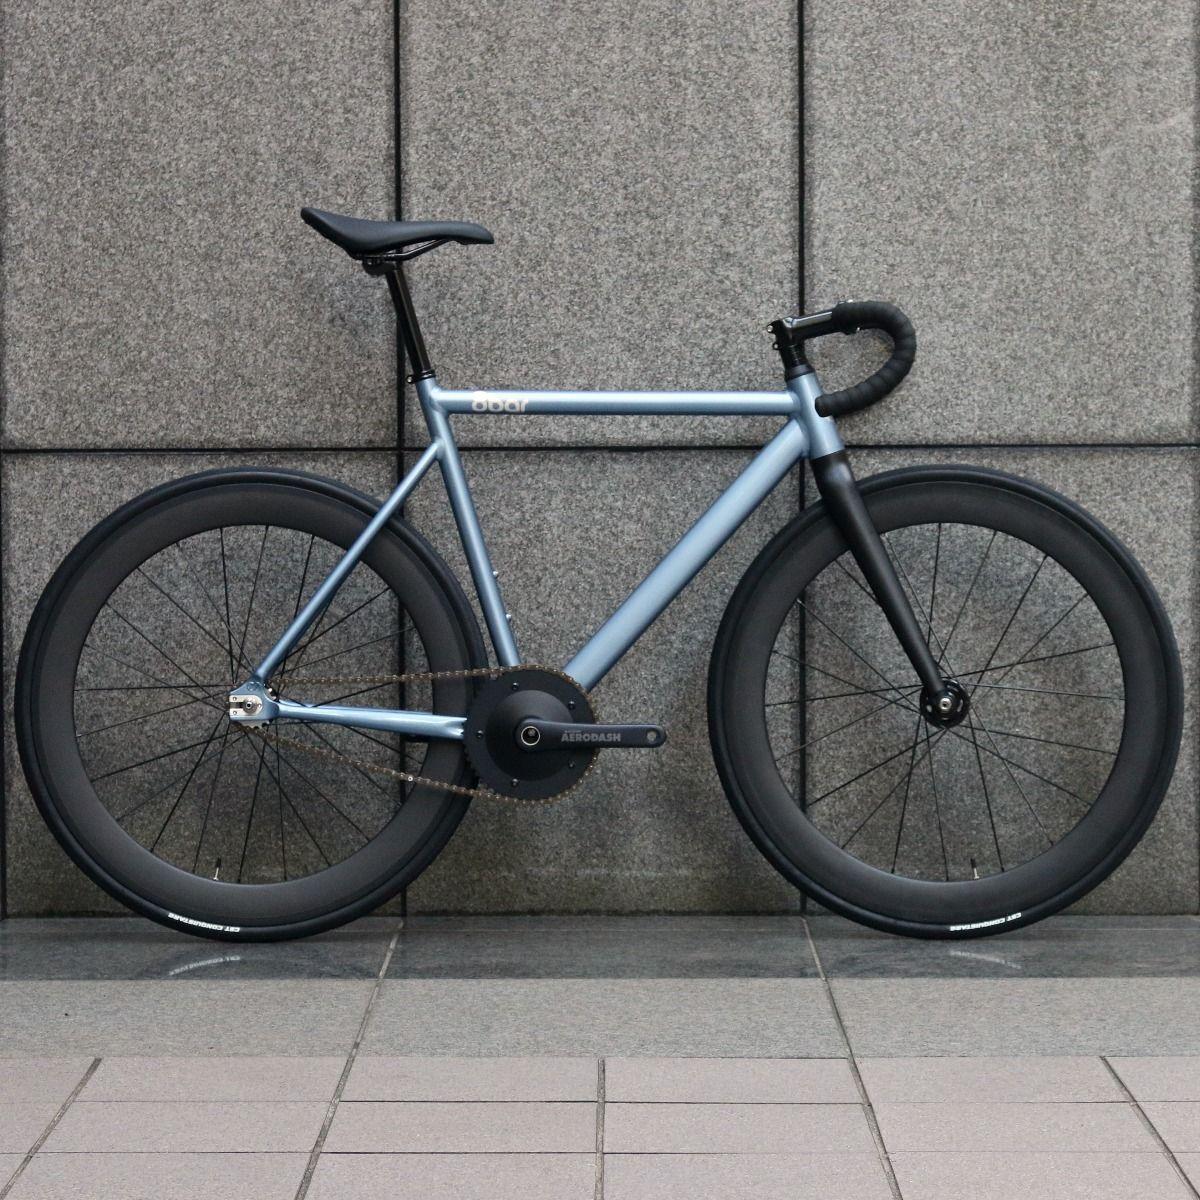 8bar bikes KRZBERG V7 CUSTOM BIKE BLUE METALLIC